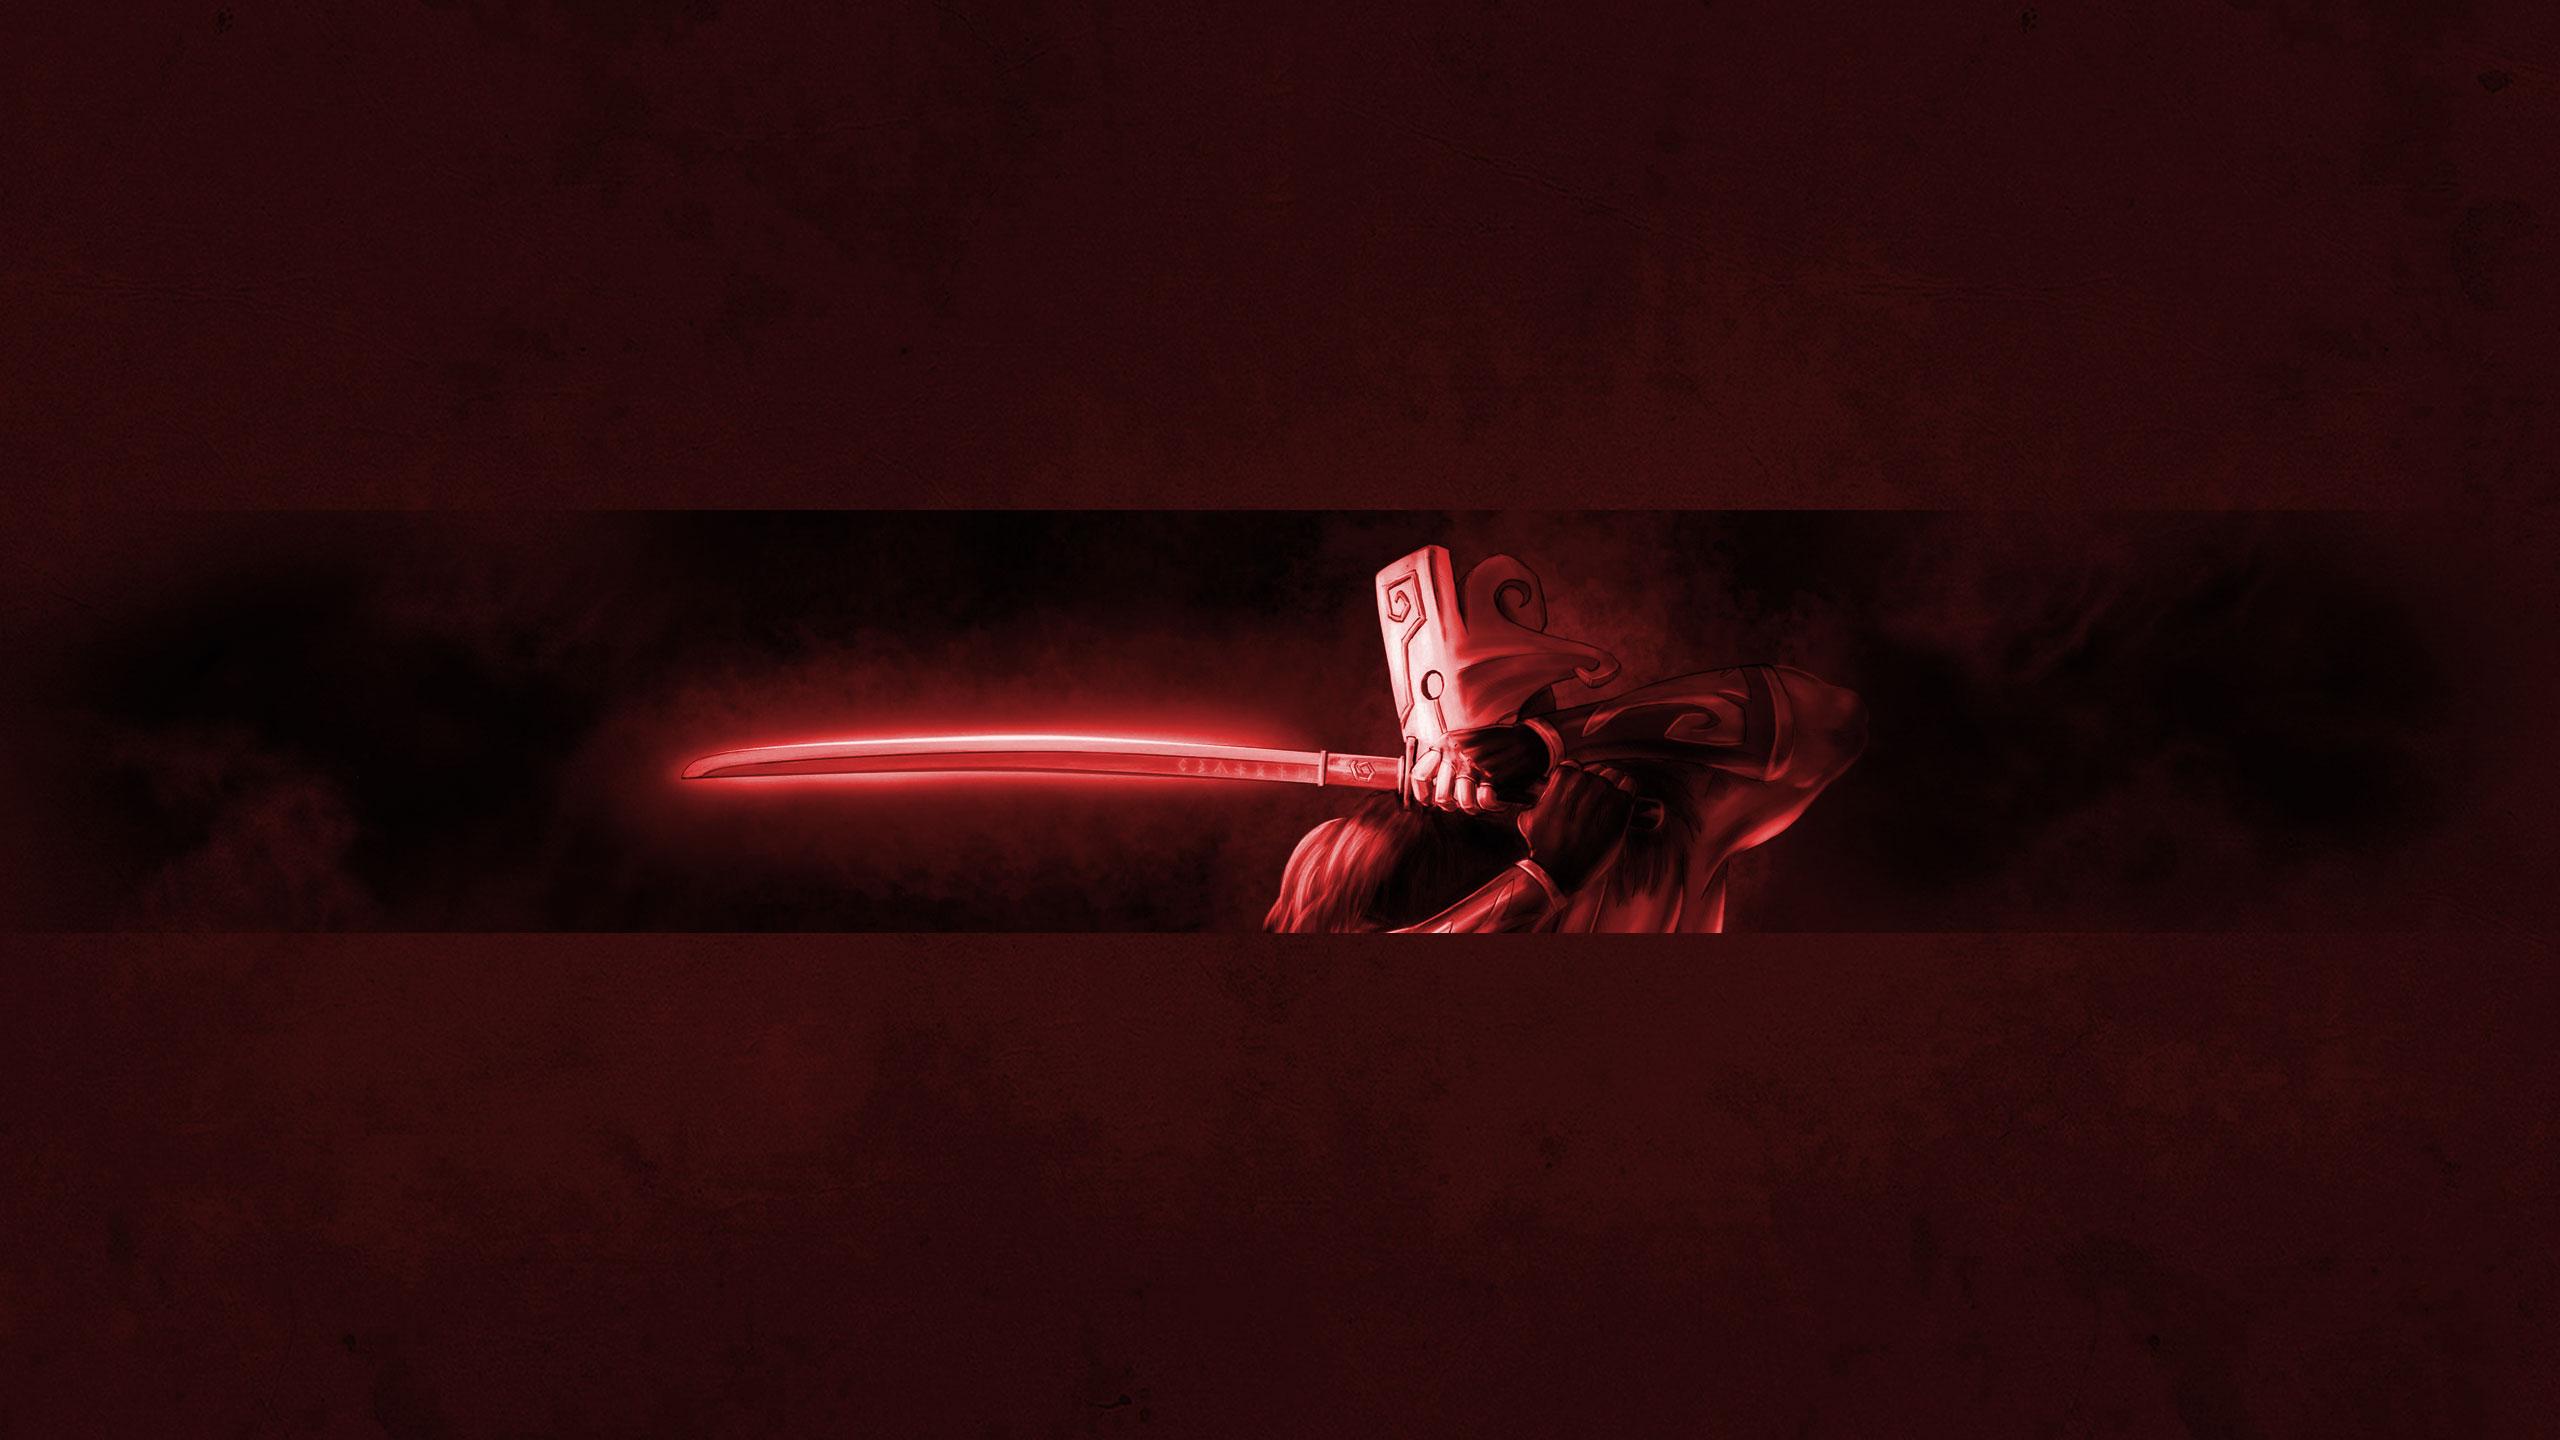 Красная картинка для шапки ютуба с персонажем игры Дота с мечом в руках.